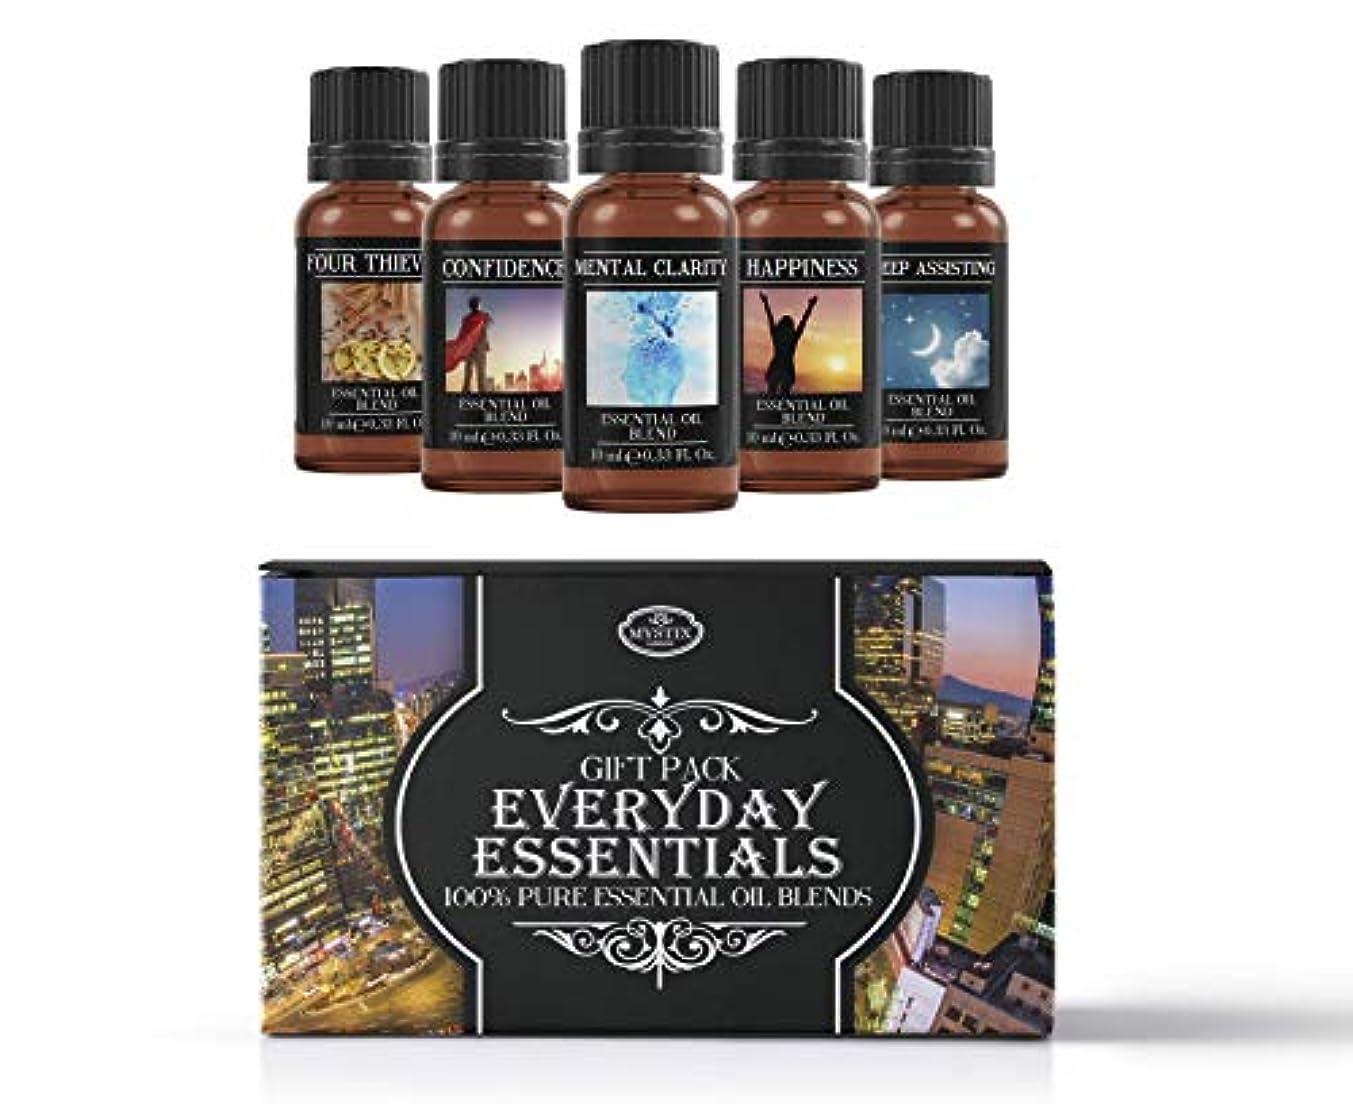 寓話多様なEveryday Essentials   Essential Oil Blend Gift Pack   Confidence, Four Thieves, Happiness, Mental Clarity, Sleep Assisting   100% Pure Essential Oil Blends